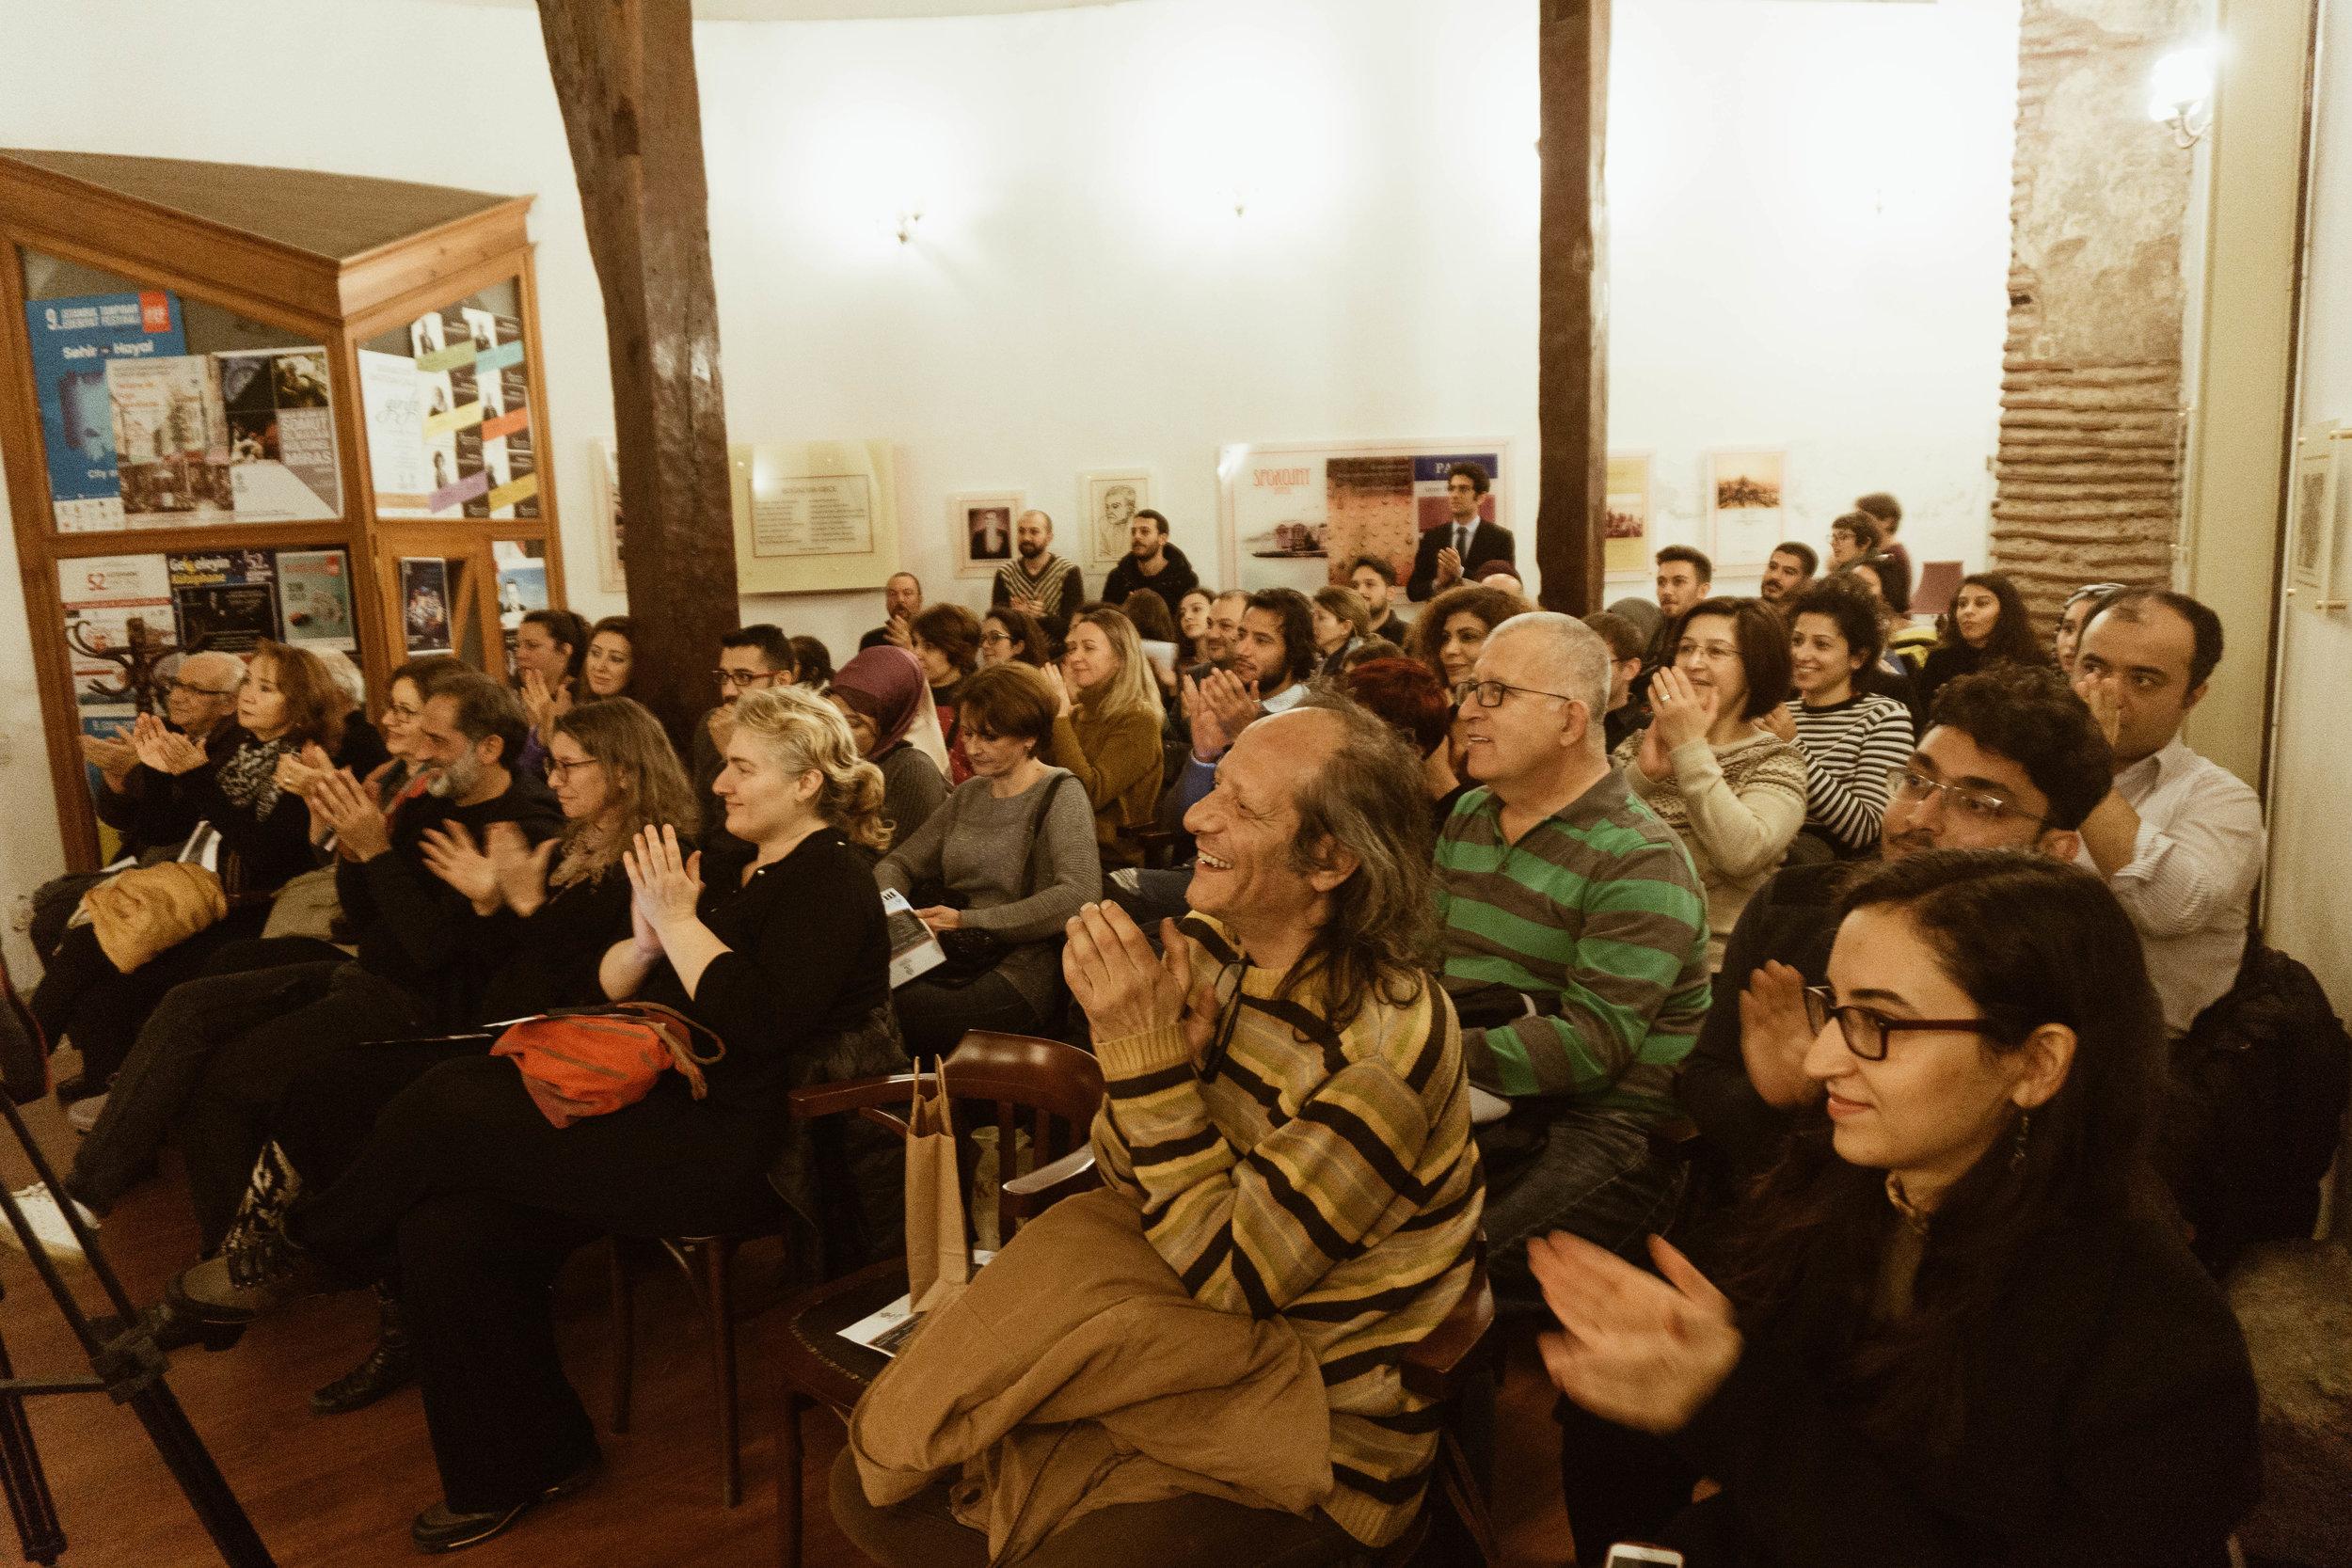 Raquy Danziger Classical Concert - Crowd